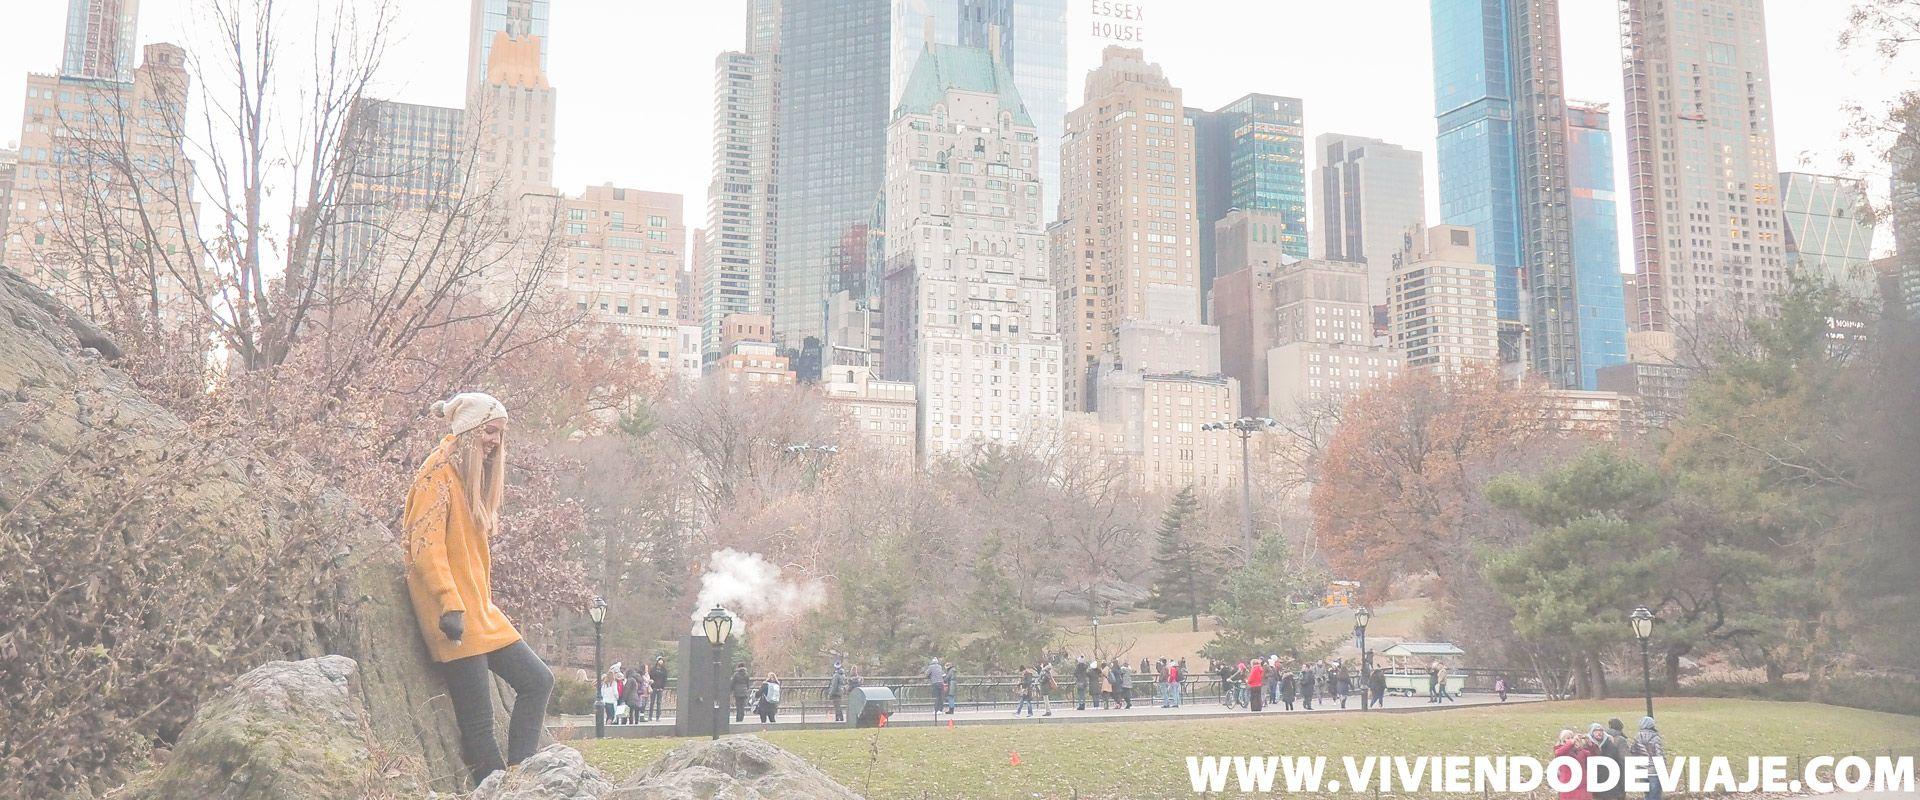 Lugares que ver en Central Park